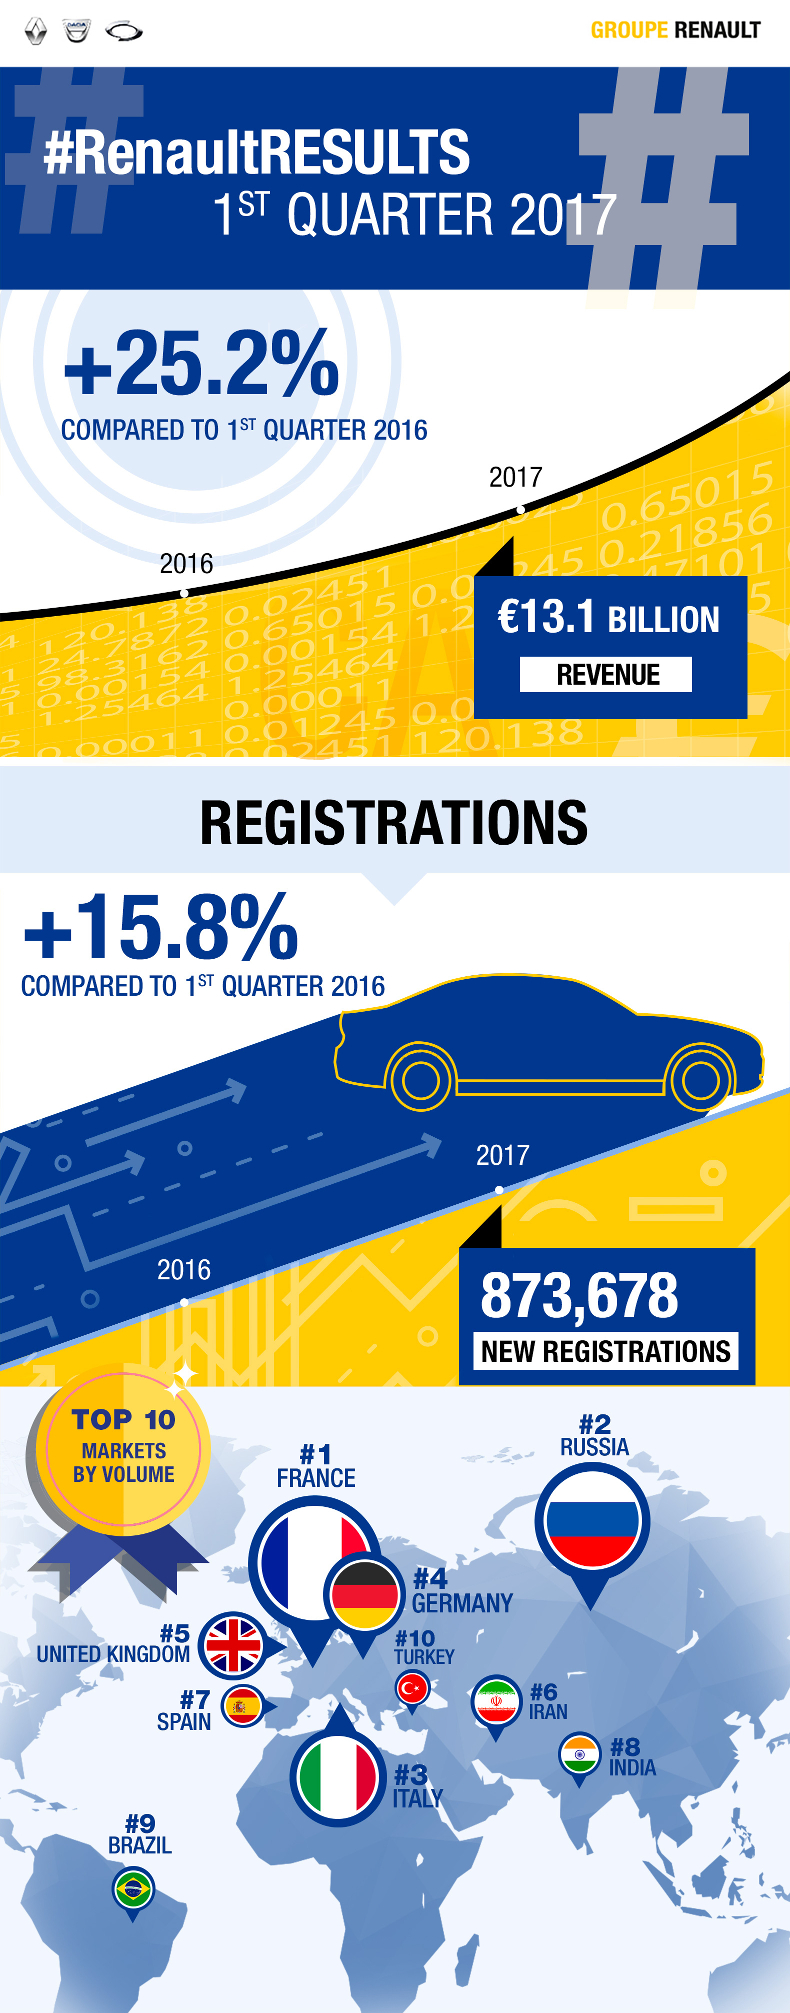 2017 - Goupe Renault revenus q1